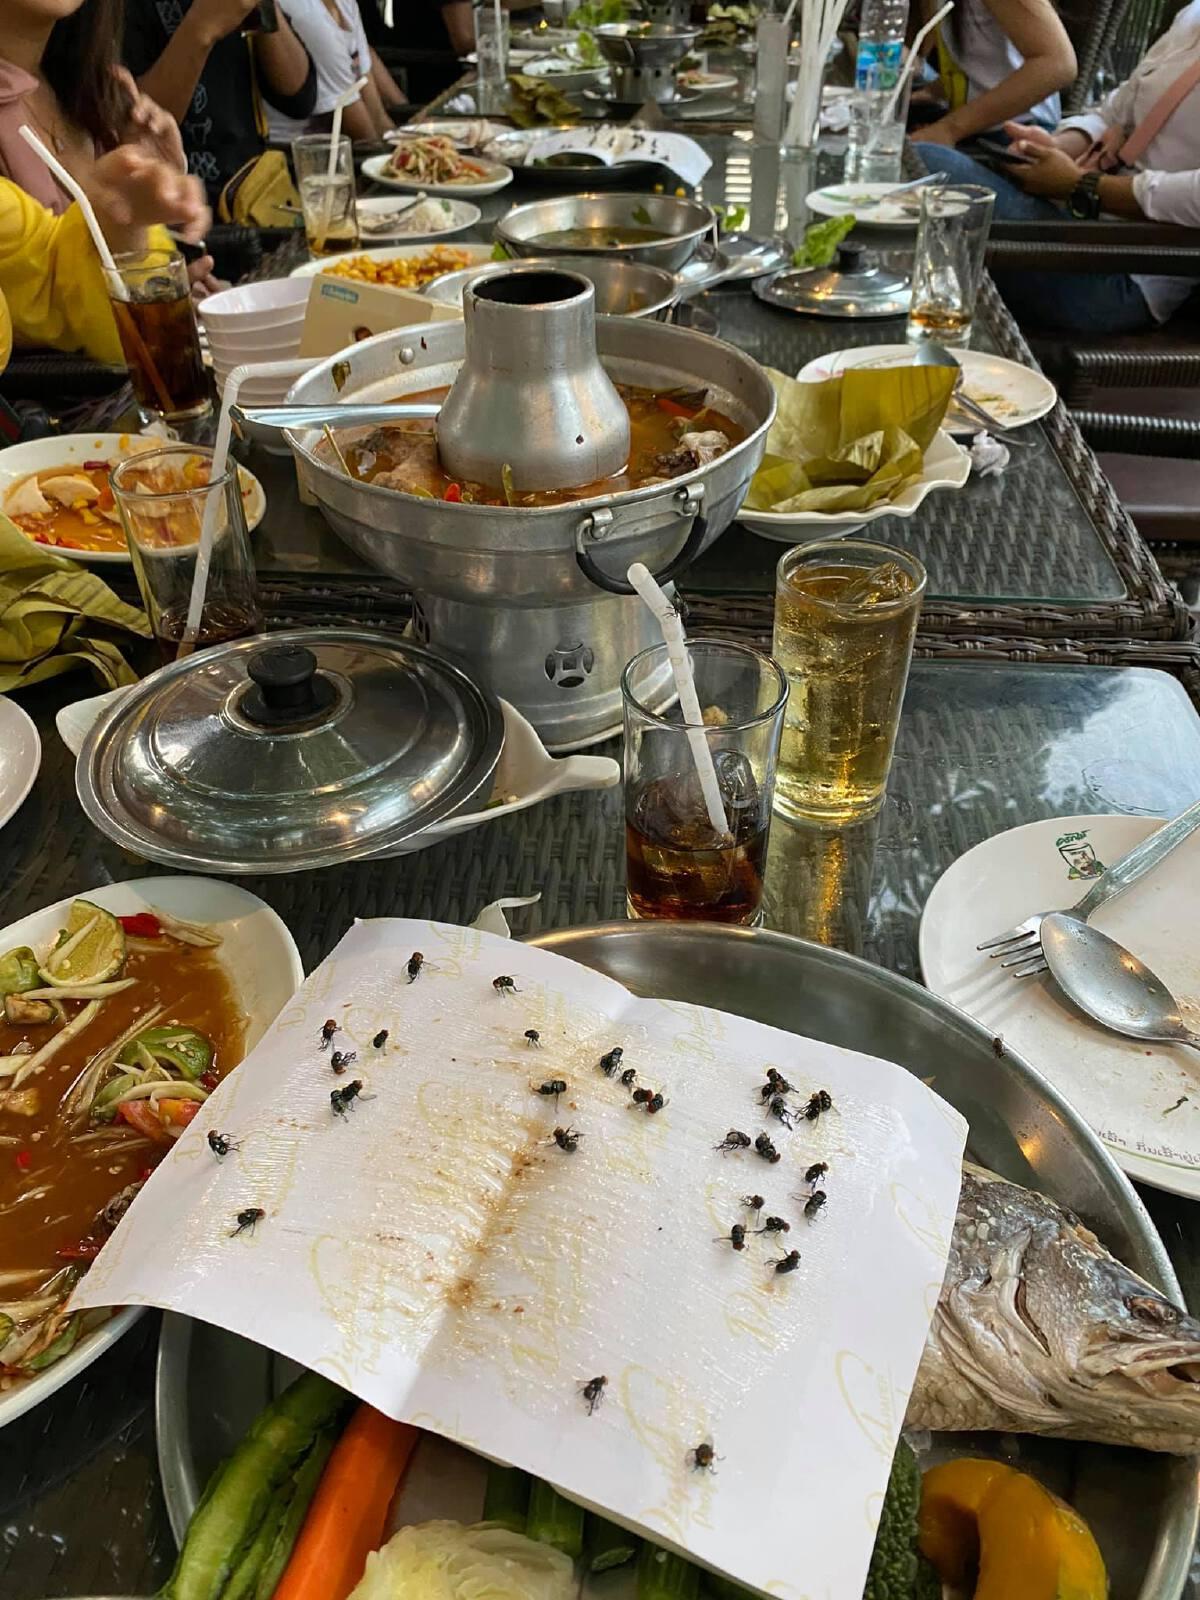 หนุ่มโวย ร้านส้มตำชื่อดัง แมลงวันเพียบ แถมเอาที่ดักมาวางไว้บนโต๊ะ